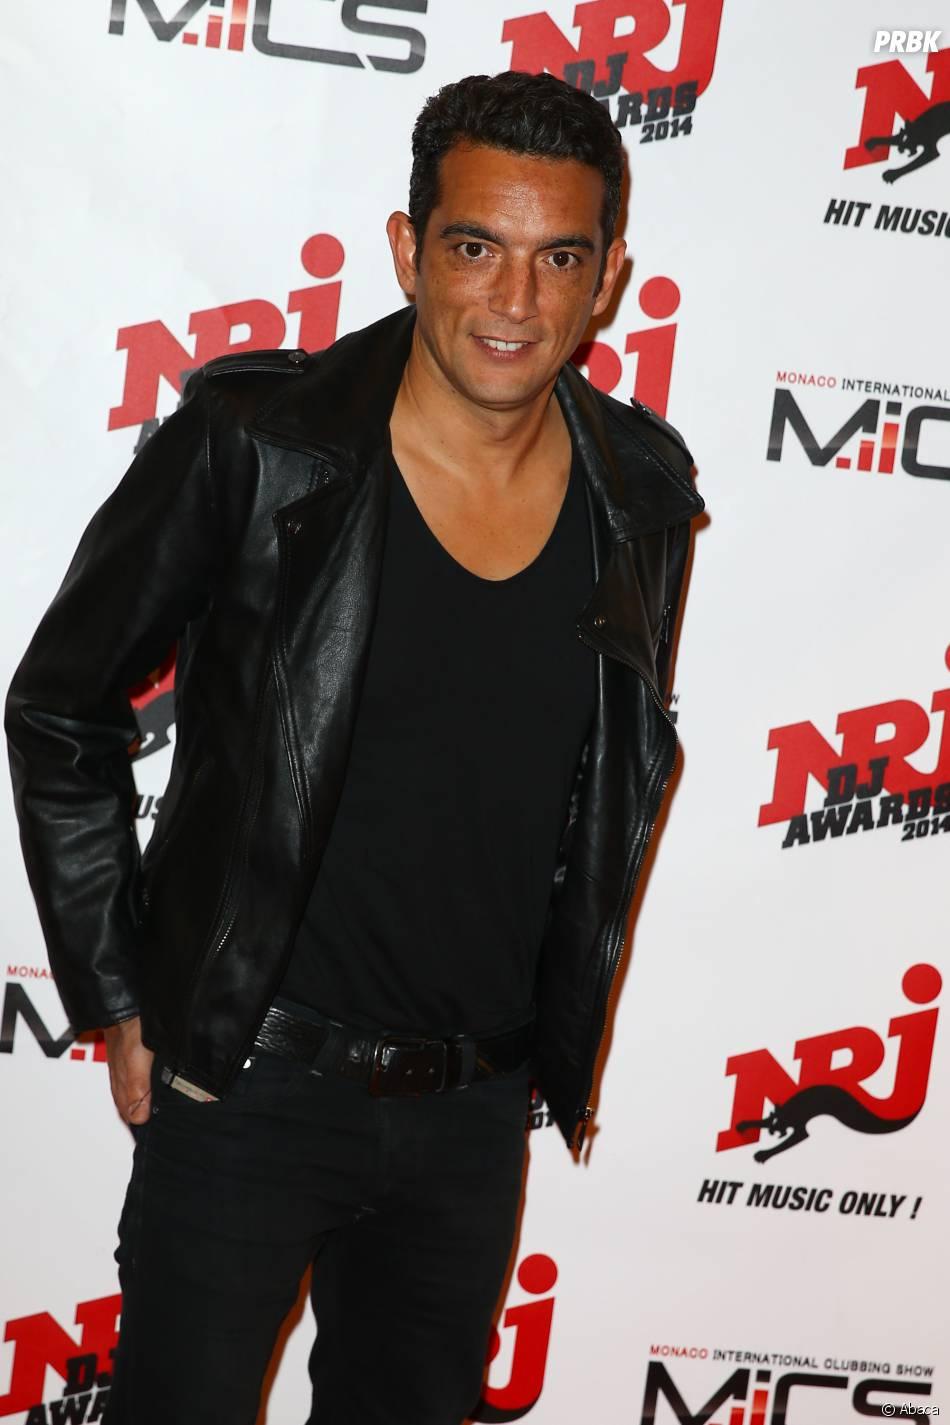 Antoine Clamaran à la cérémonie des NRJ DJ Awards 2014 à Monaco, le 12 novembre 2014